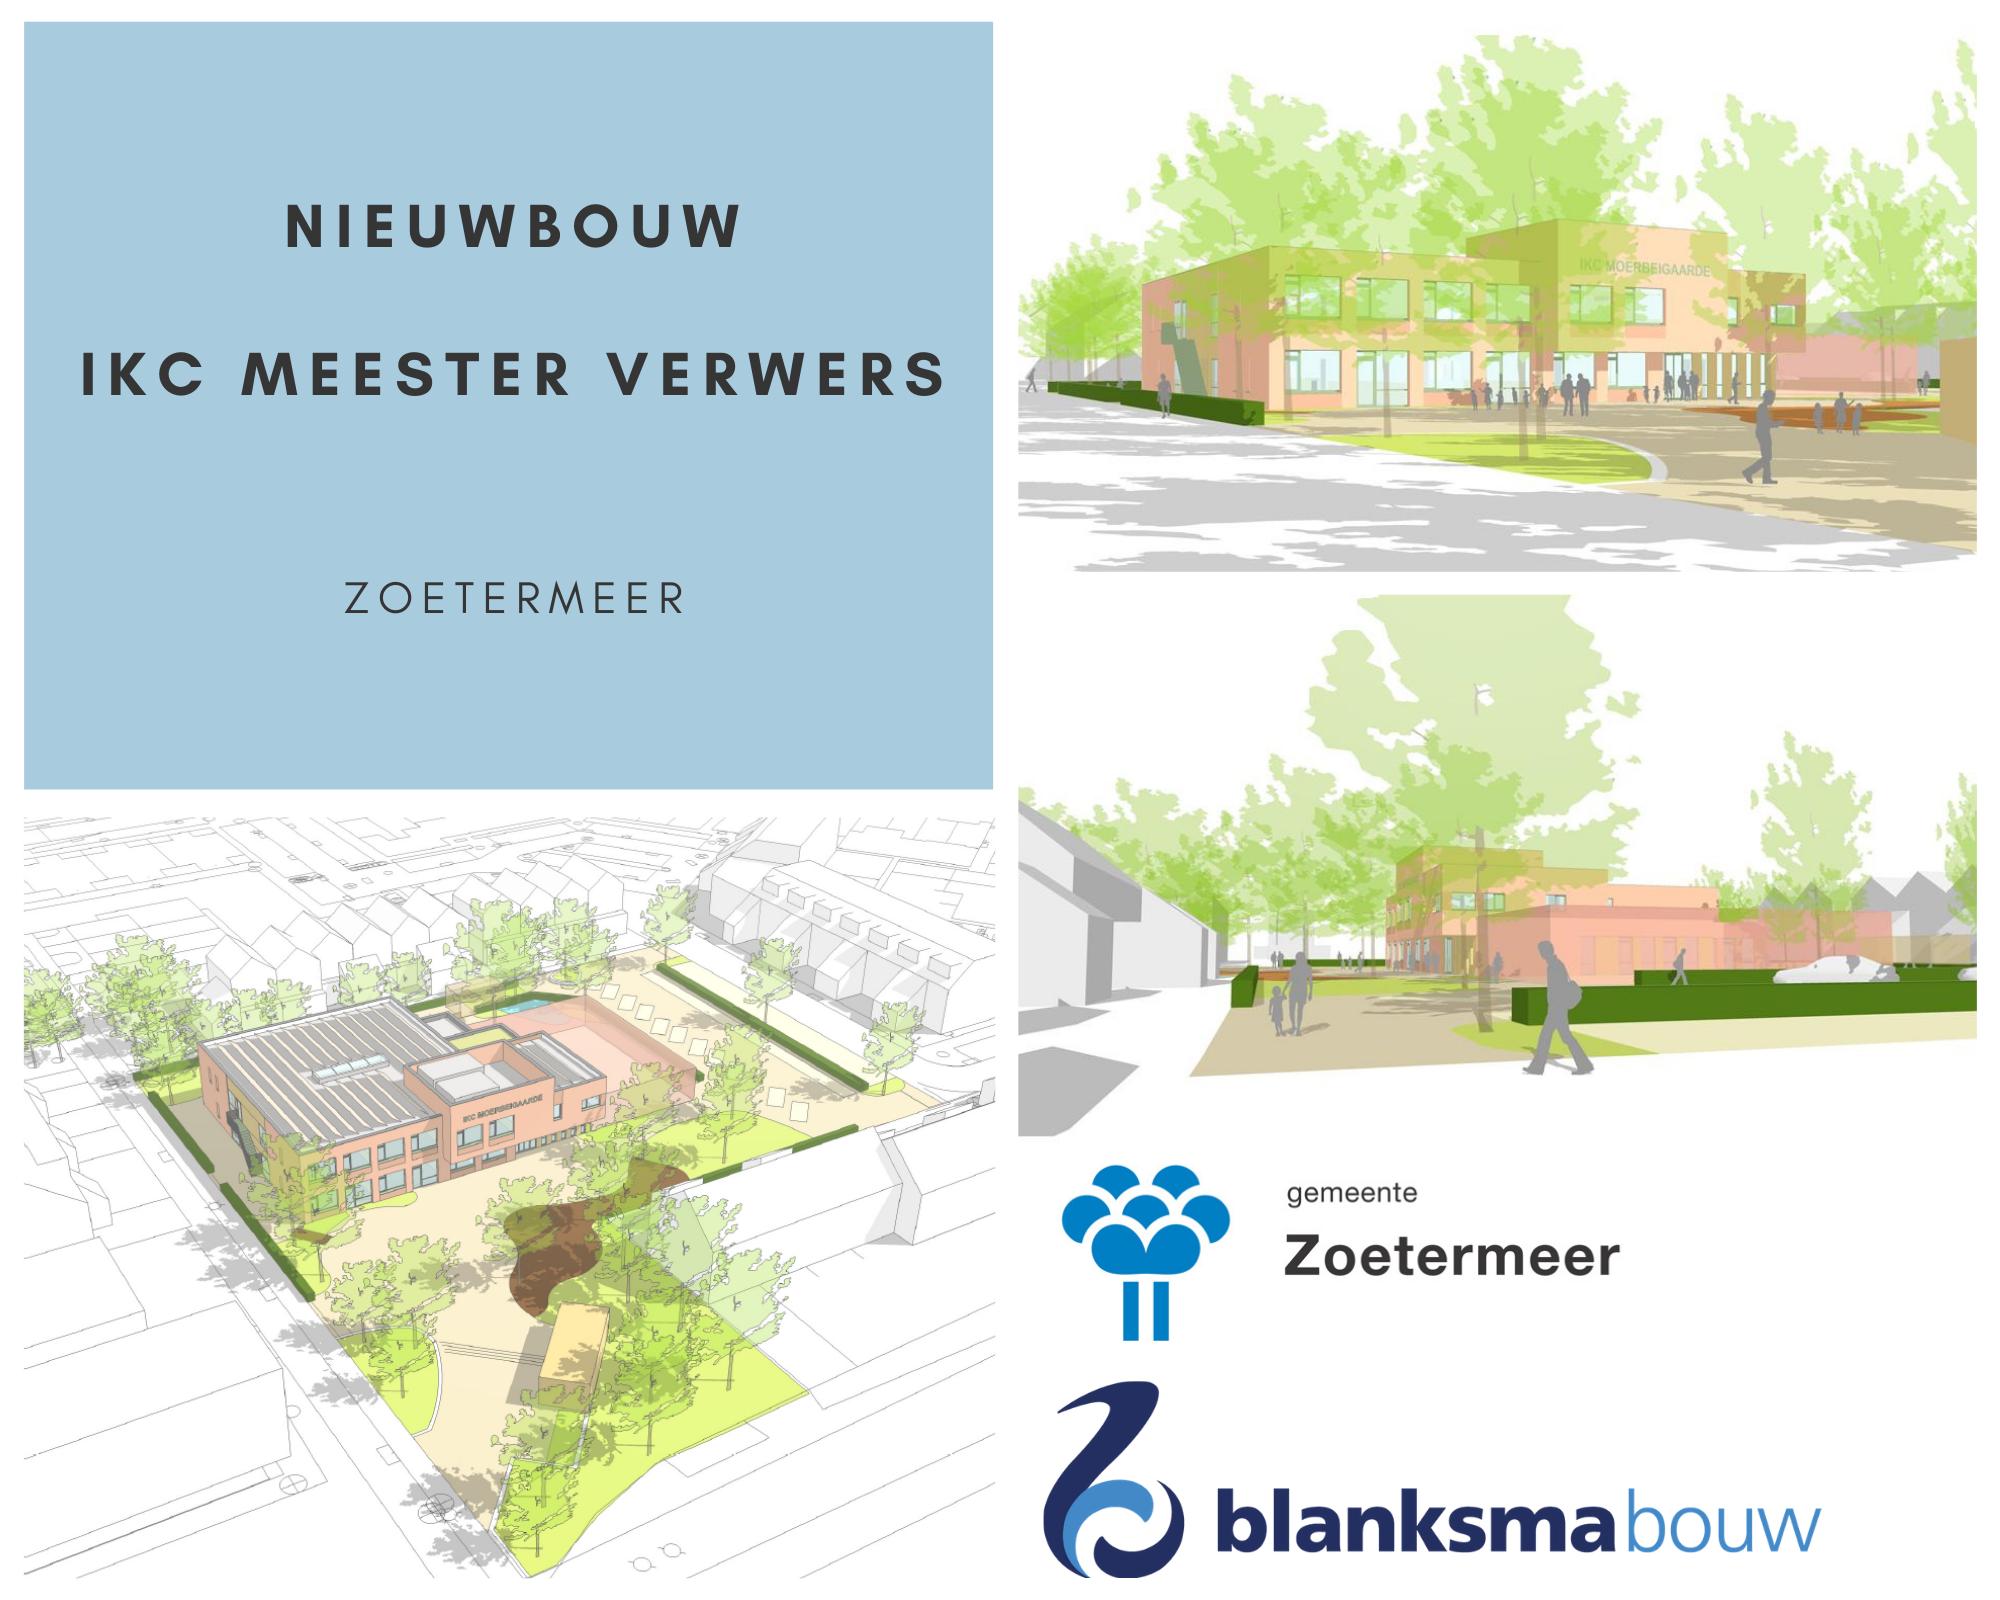 Nieuwbouw IKC Meester Verwers Zoetermeer